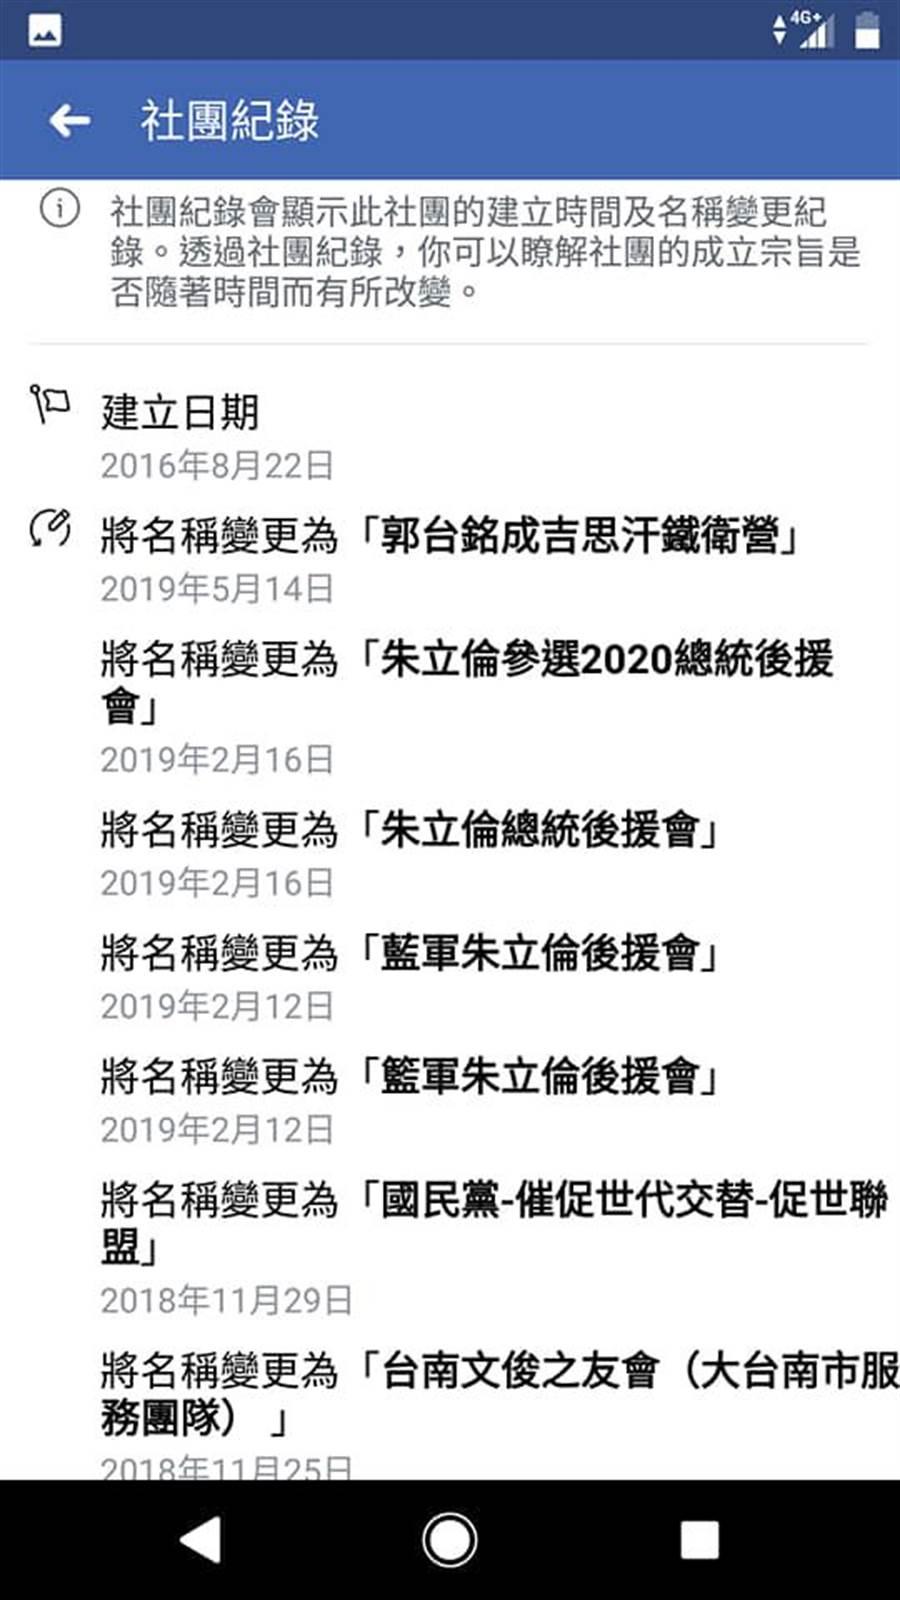 有兩個後援會原本是挺台中市長盧秀燕與前新北市長朱立倫的,也分別在4月17日及5月14日改名成「郭台銘總統後援會」及「郭台銘成吉思汗鐵衛營」。(韓國瑜後援會)